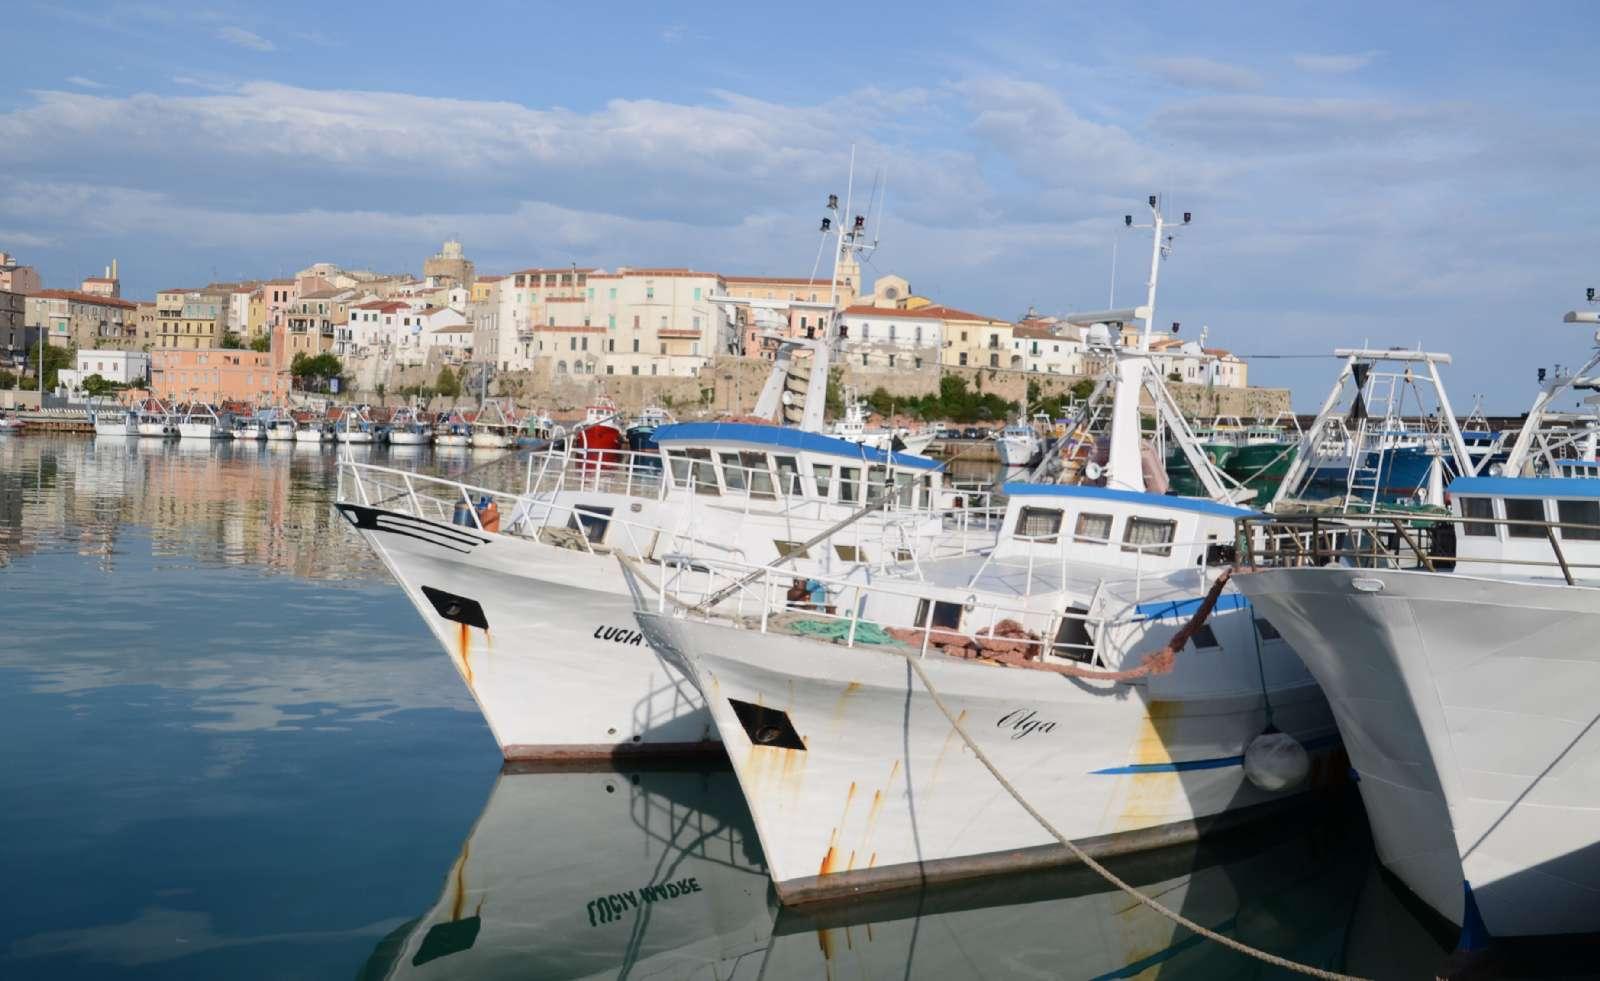 Havnen i Termoli, hvorfra der er færgetrafik til Tremiti-øerne